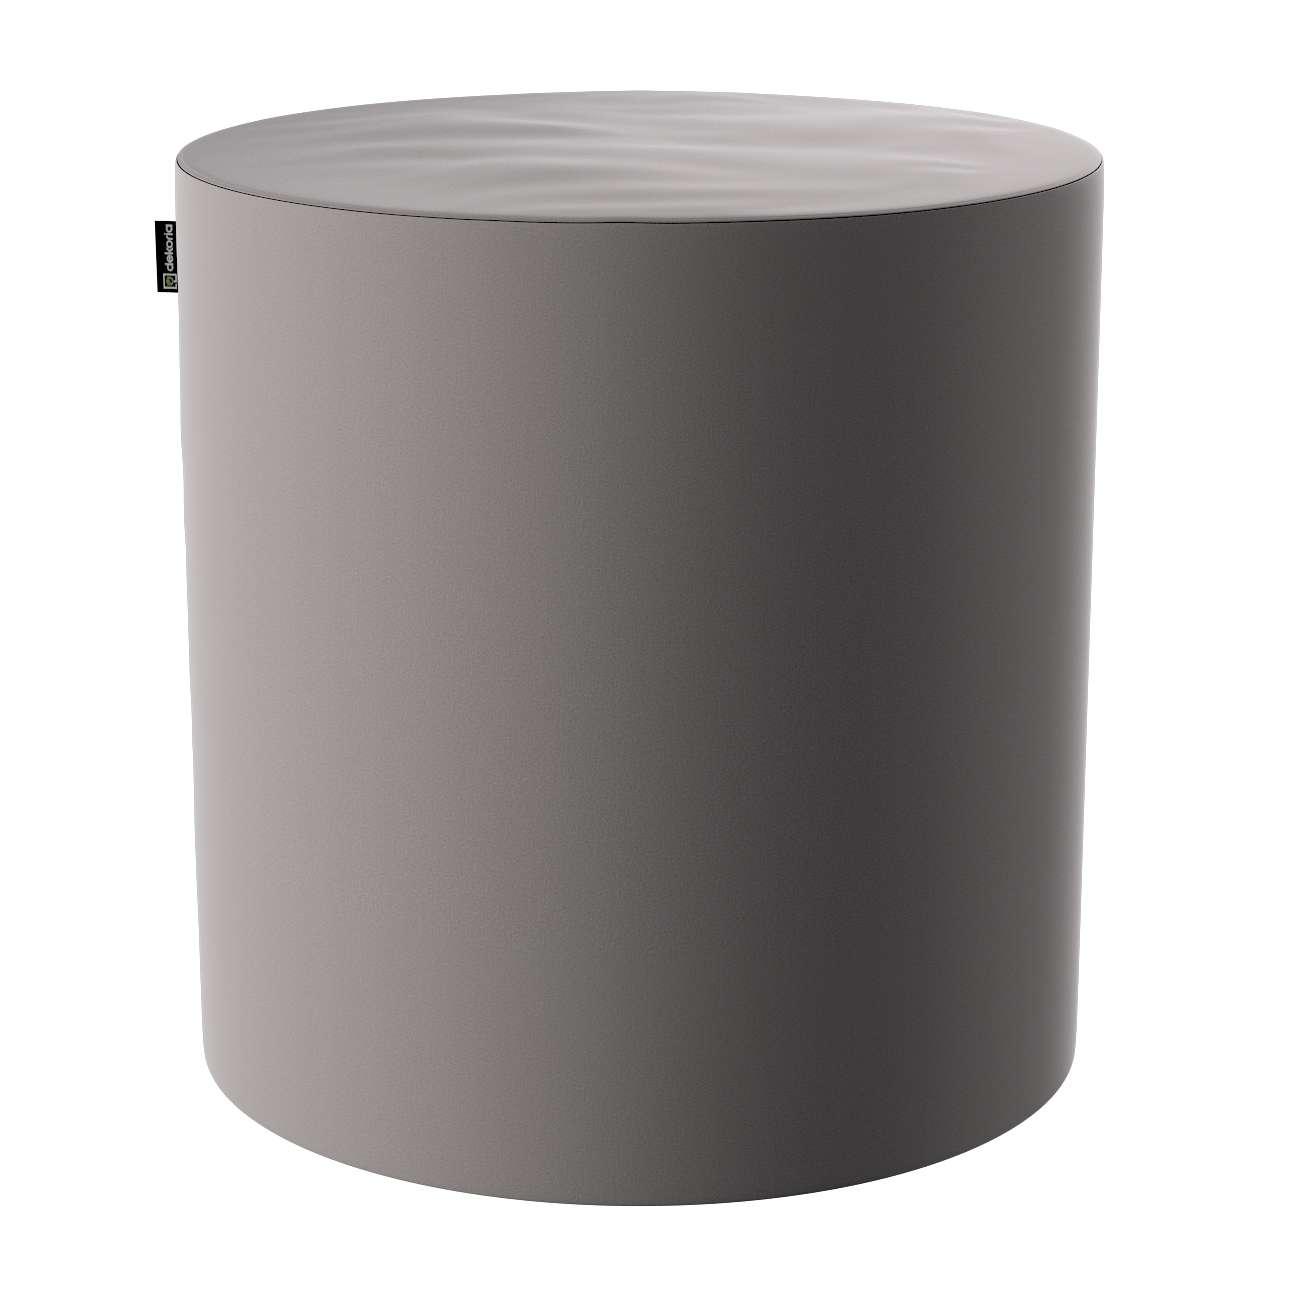 Pouf Barrel, grau, ø40 × 40 cm, Velvet   Wohnzimmer > Hocker & Poufs > Poufs   Stoff   Dekoria